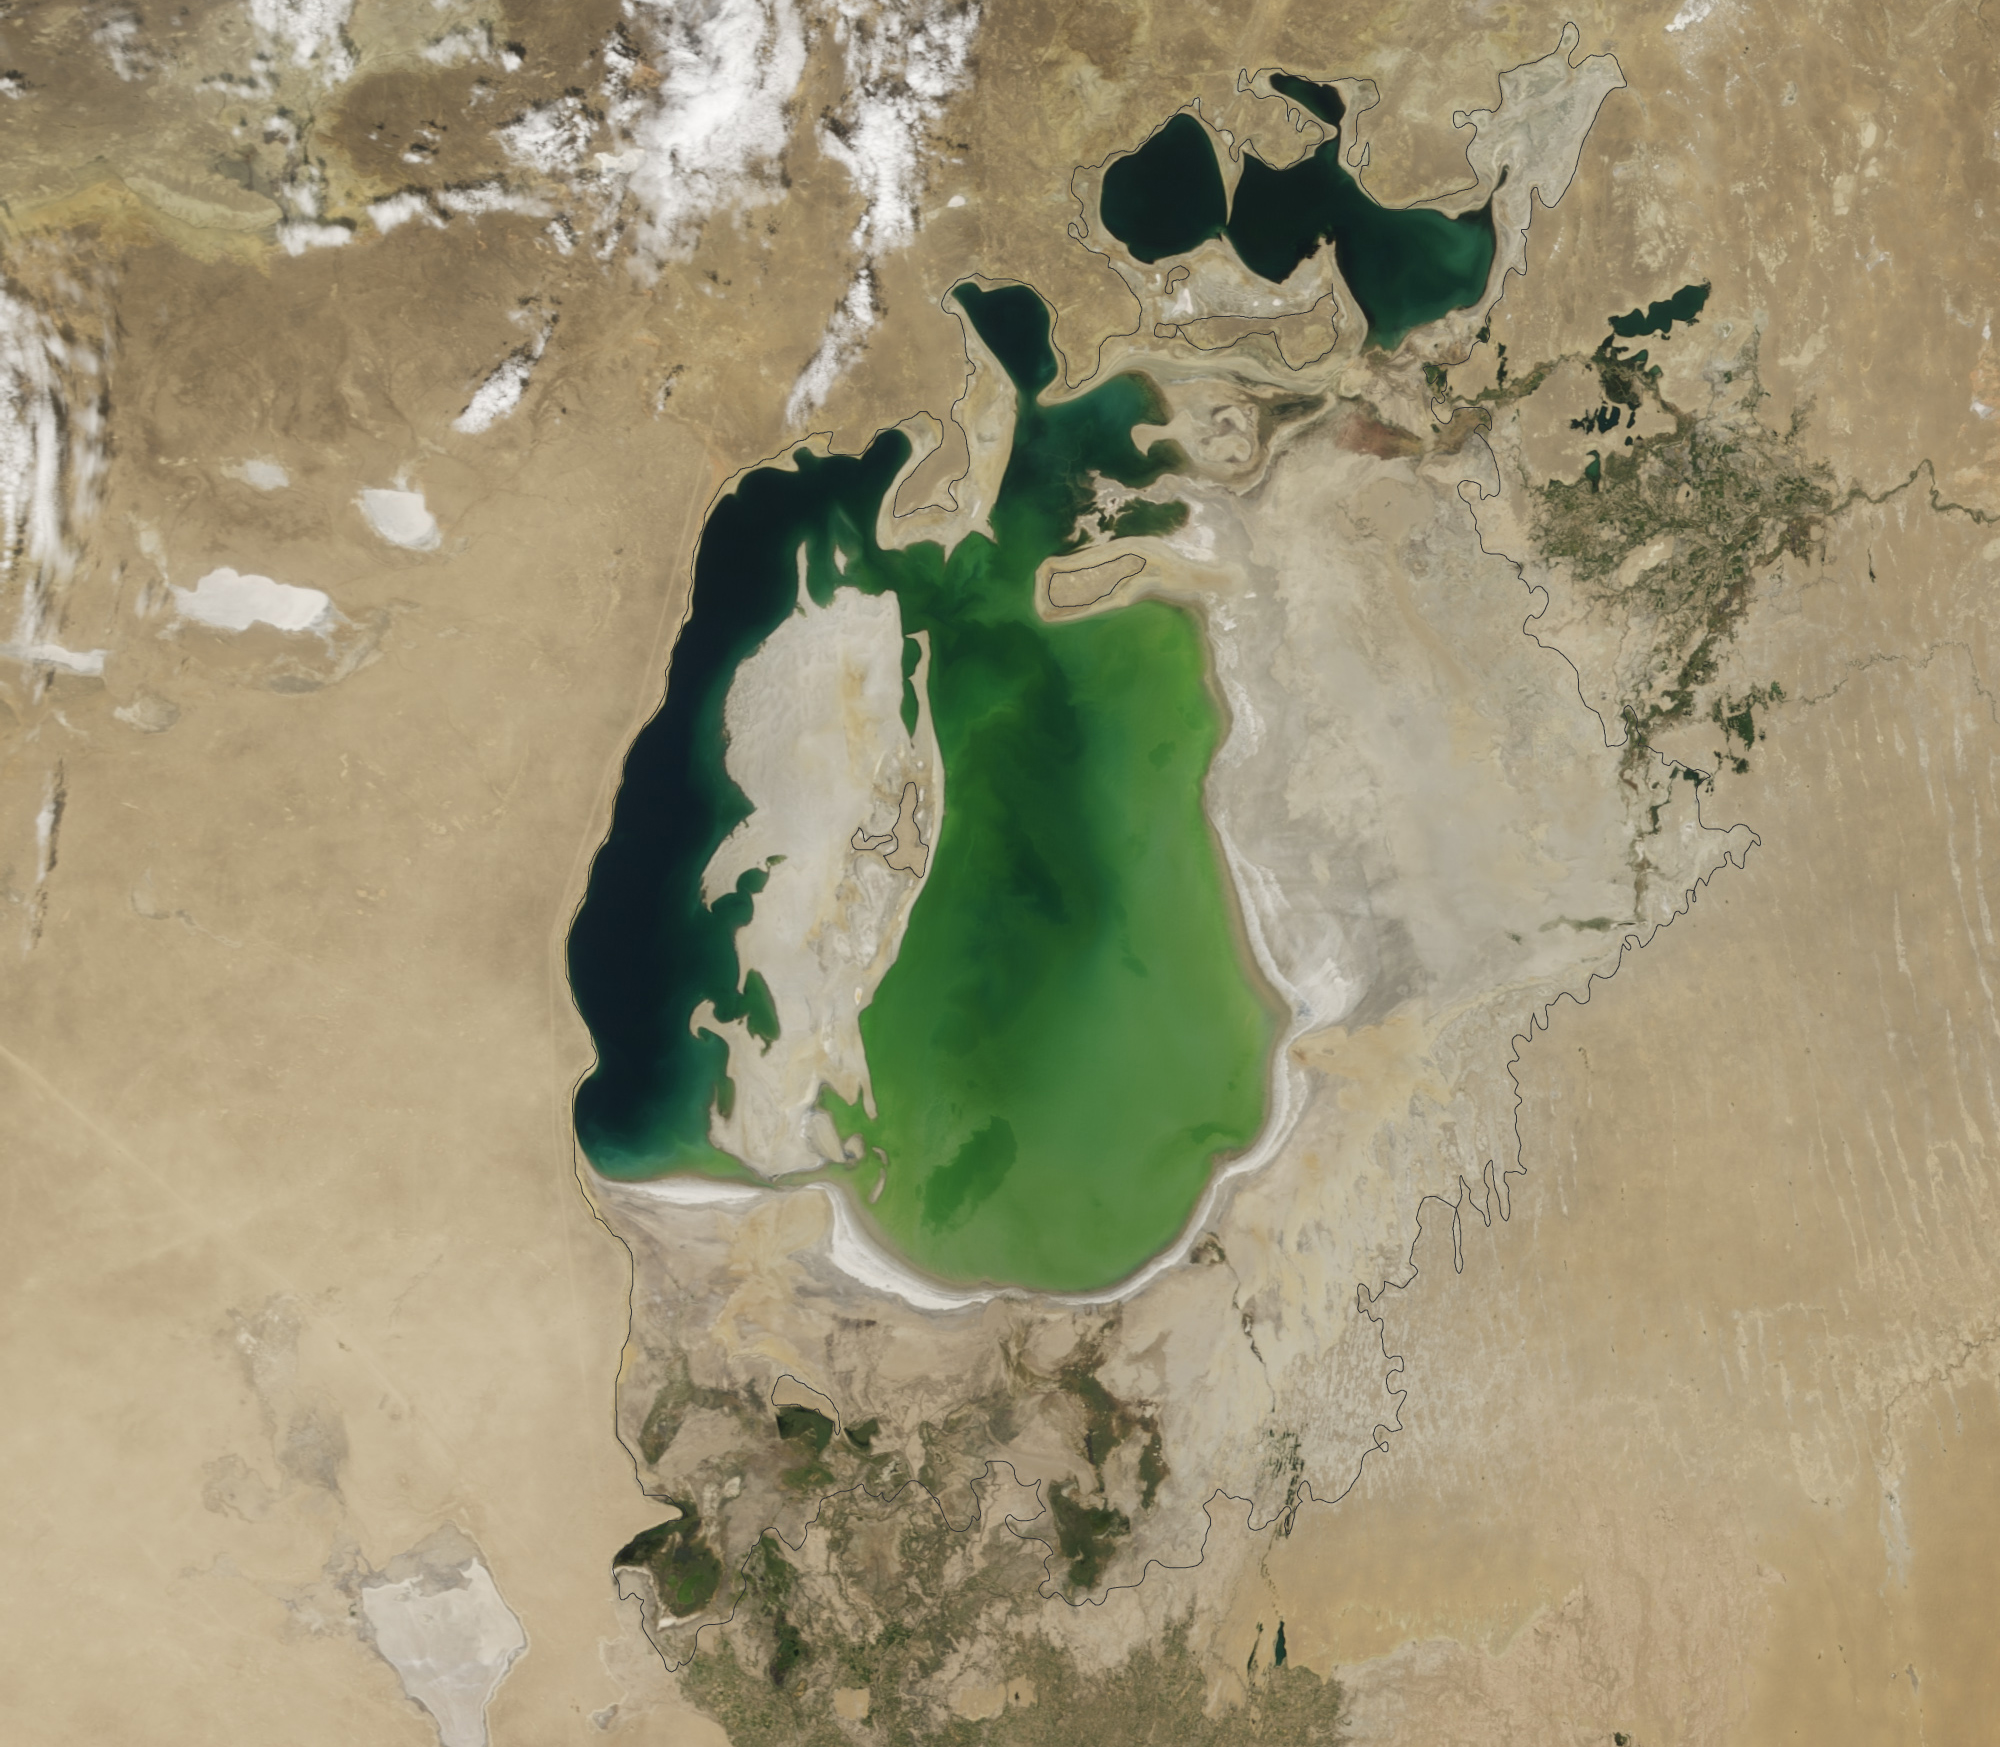 Аральское море в 2000 году, снимок со спутника